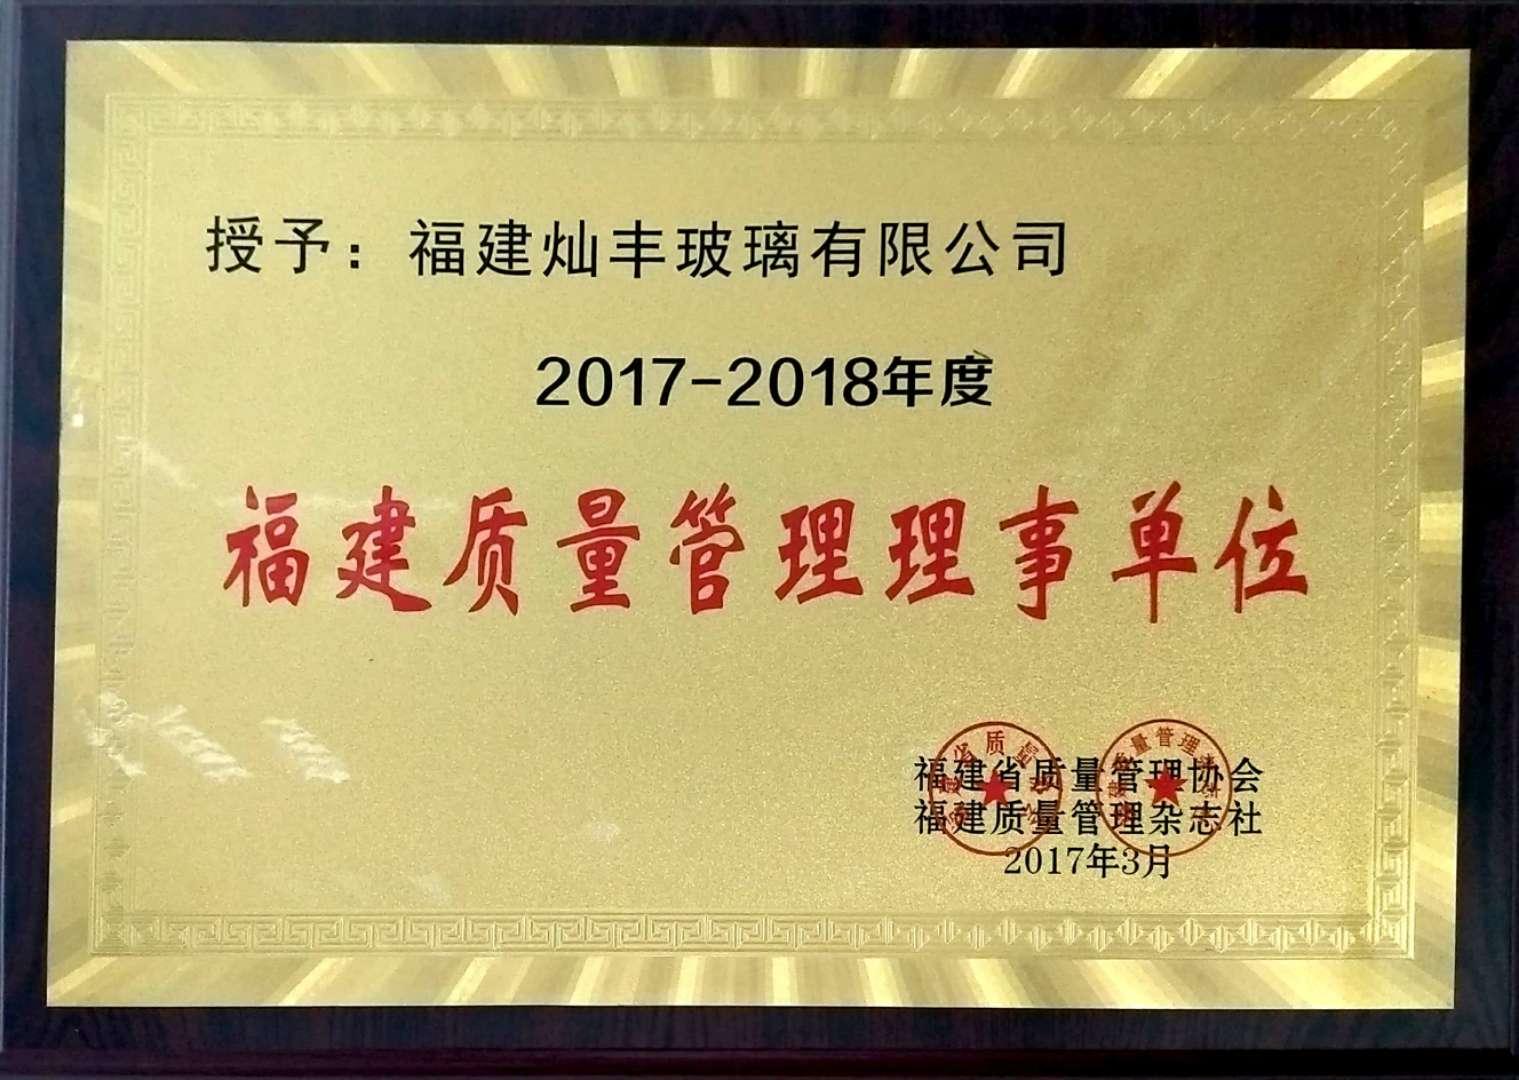 质量管理理事单位荣誉证书